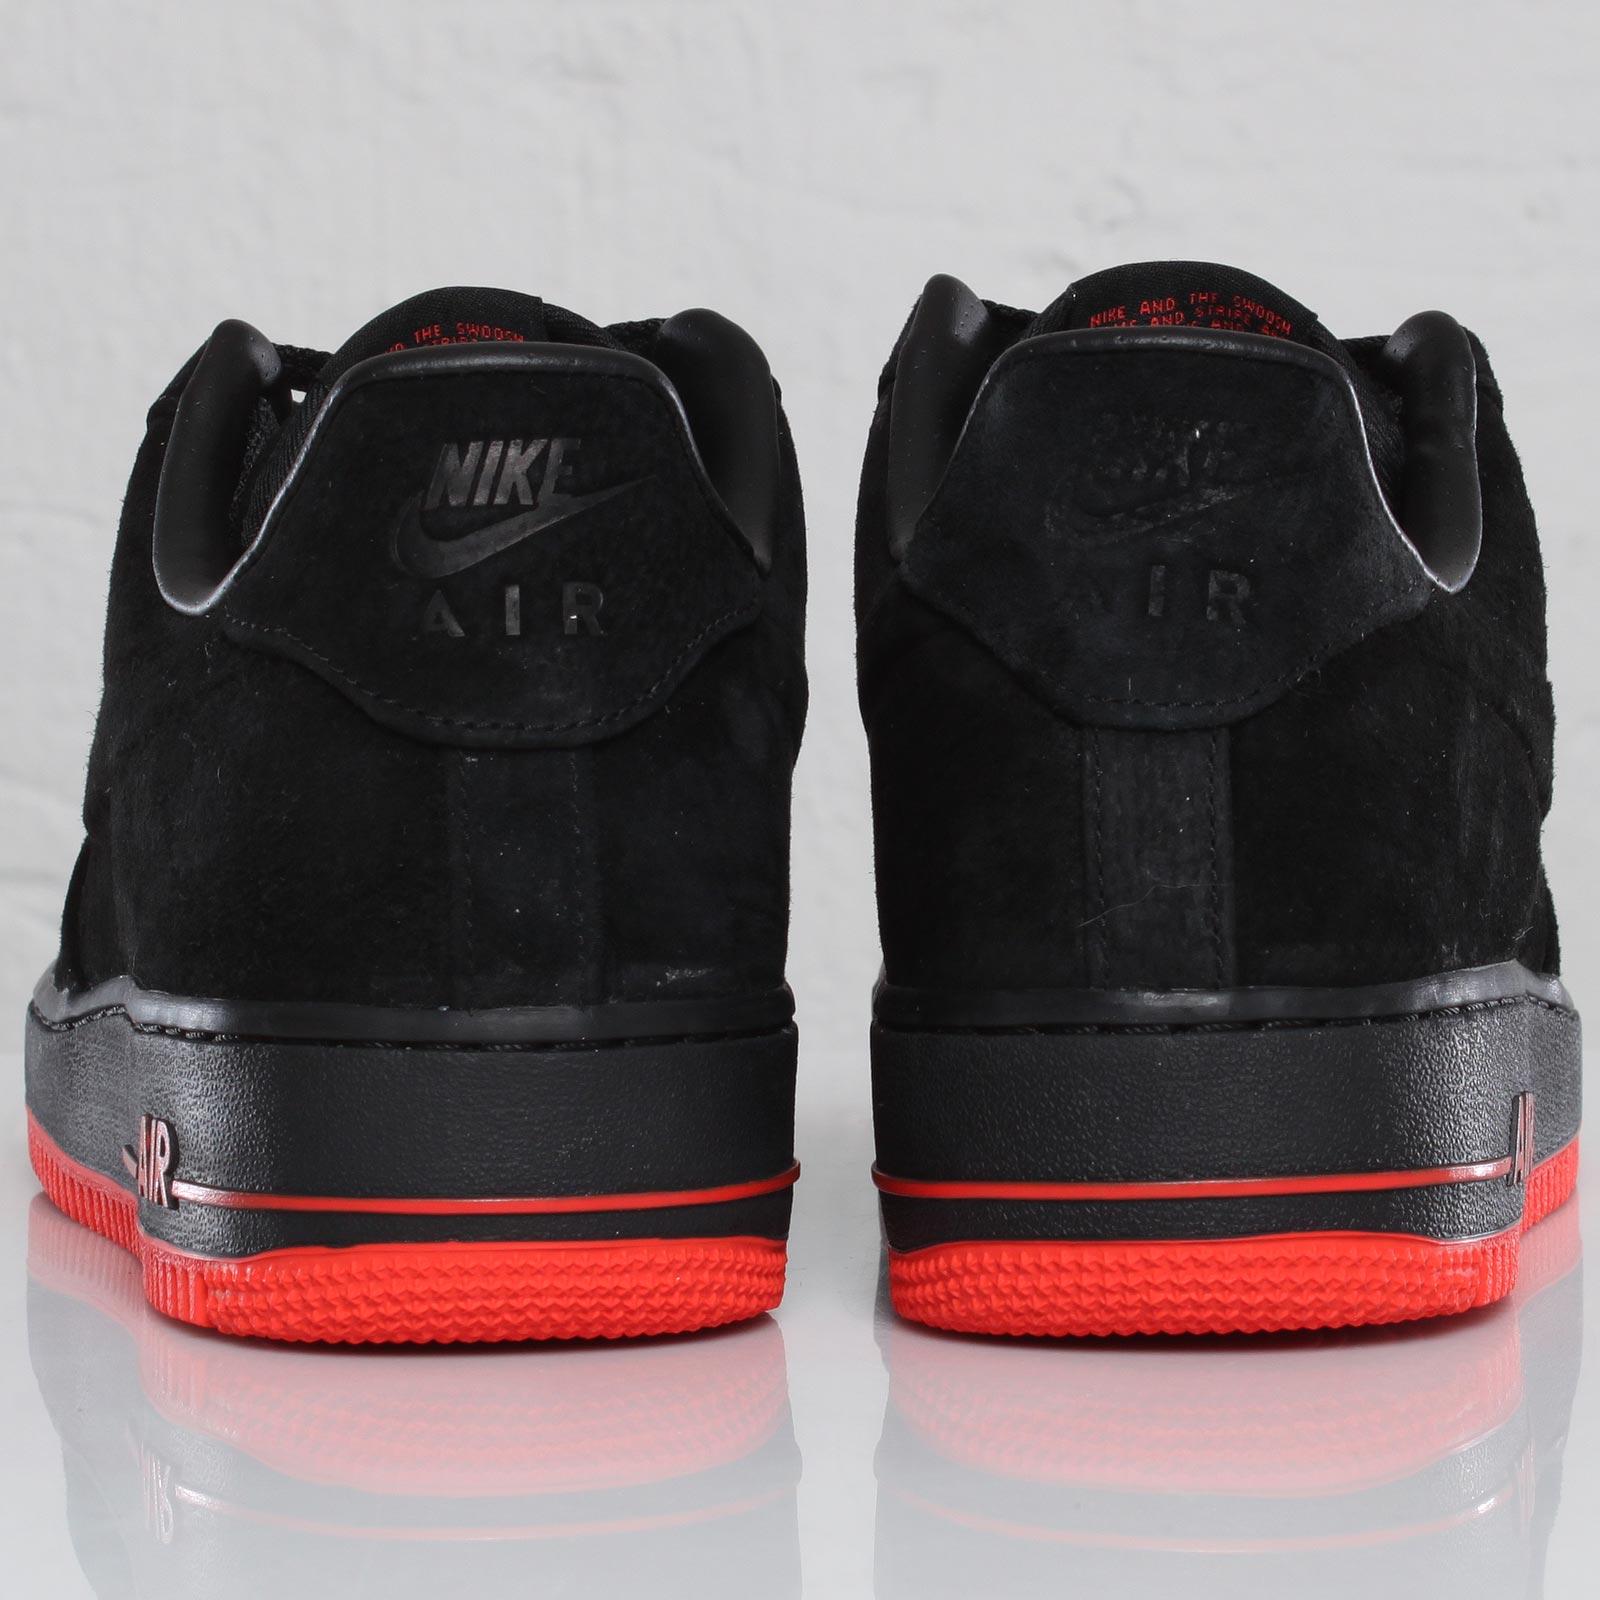 90f088b55dea3 Nike Air Force 1 Low VT Prm - 102792 - Sneakersnstuff   sneakers &  streetwear online since 1999